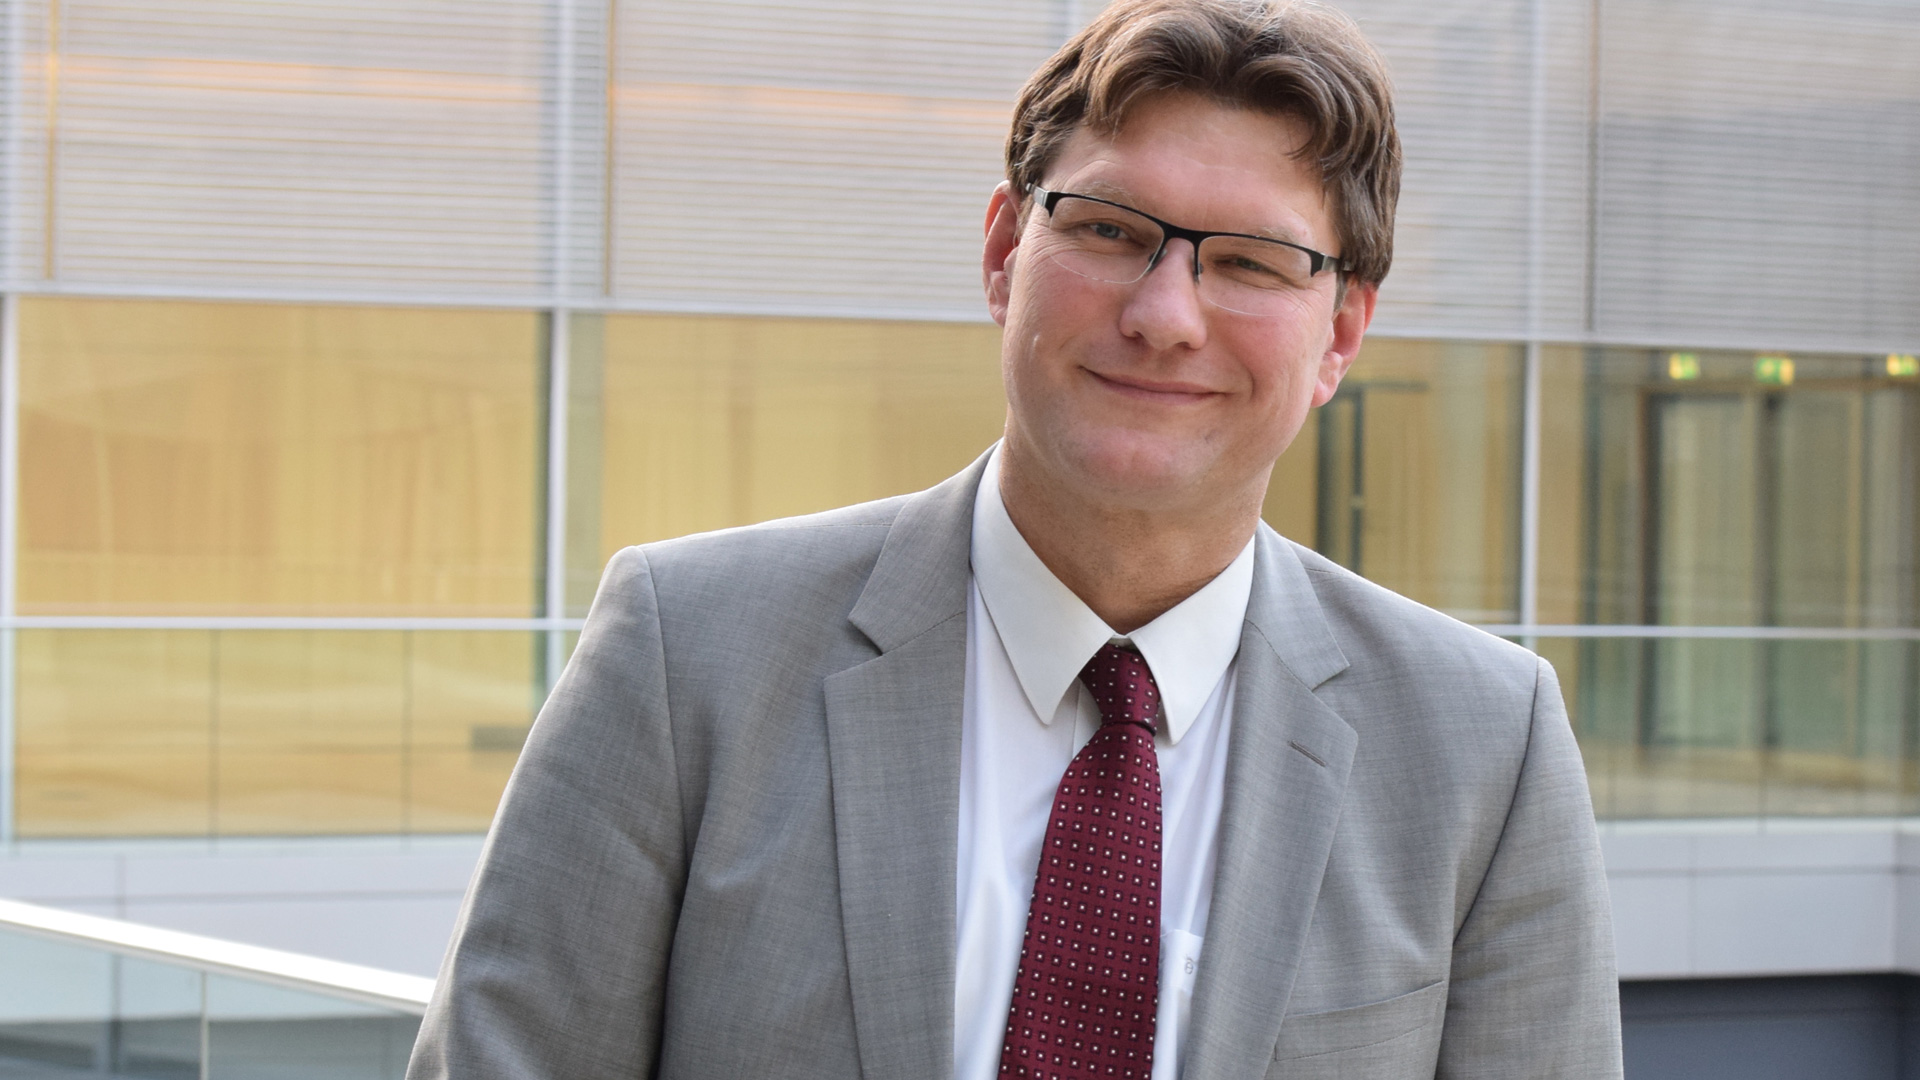 Uwe Heimowski ist Politikbeauftrager der Deutschen Evangelischen Allianz